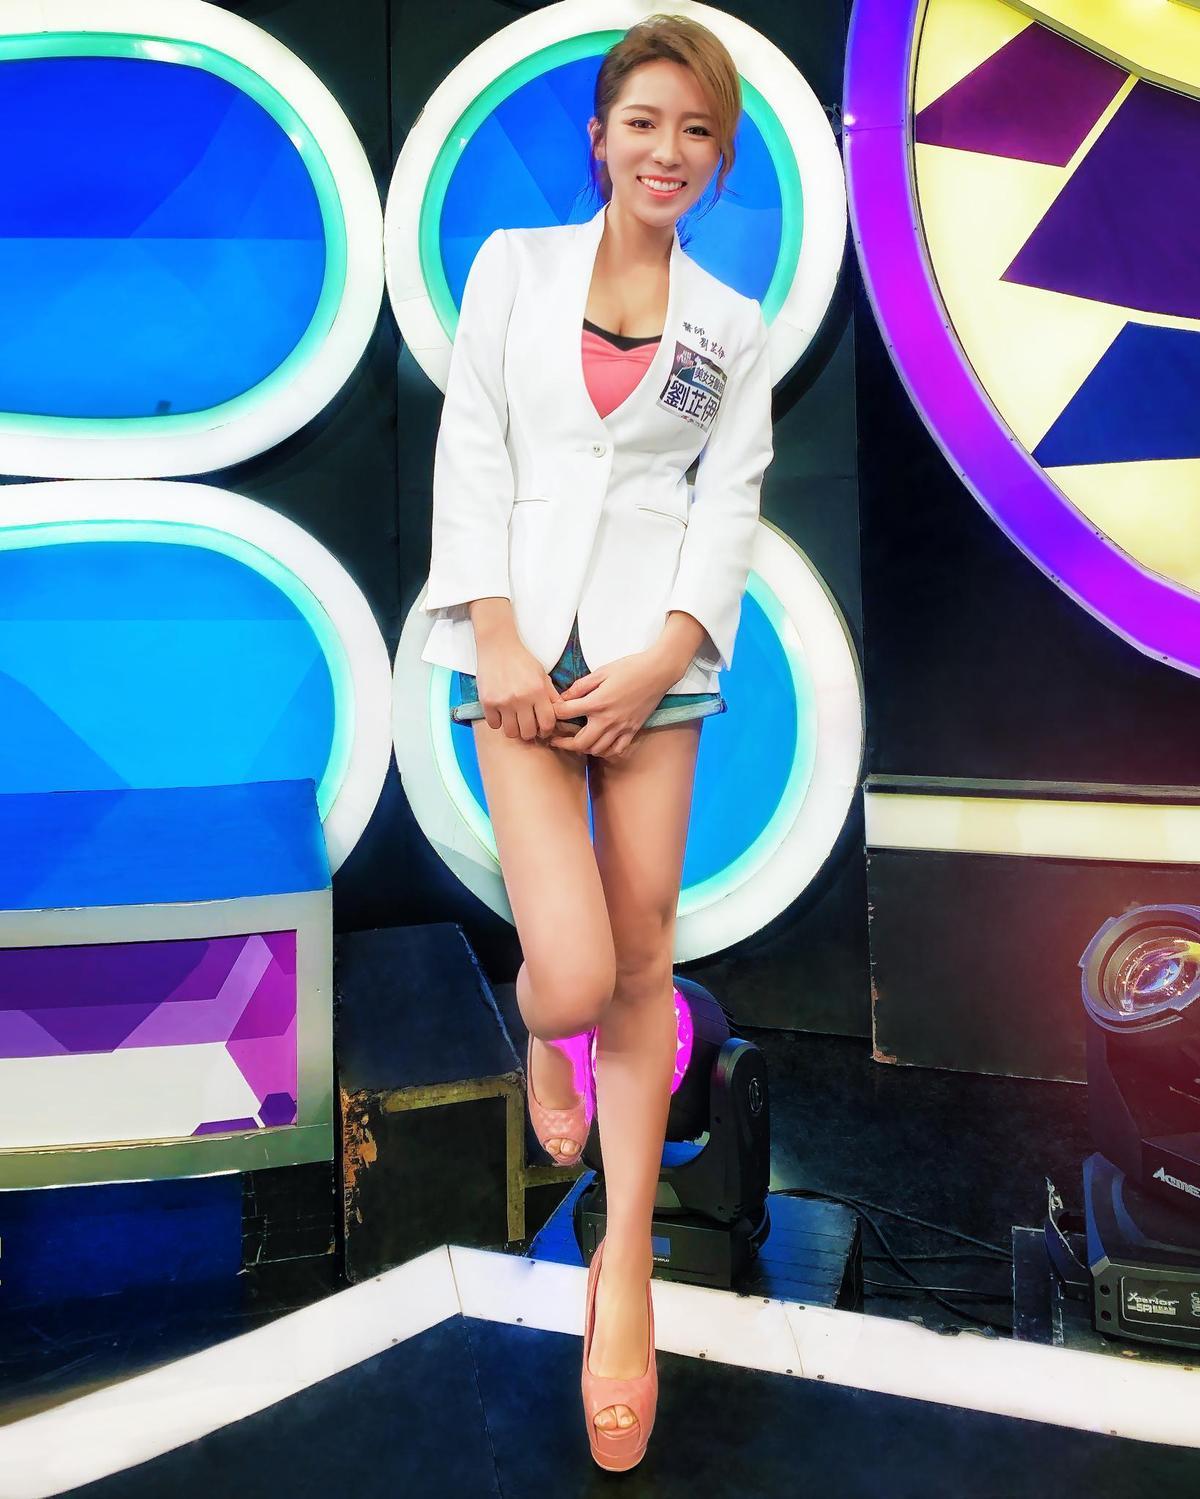 劉芷伊是E奶正妹牙醫師,經常受邀上各大綜藝節目。(翻攝自劉芷伊臉書)